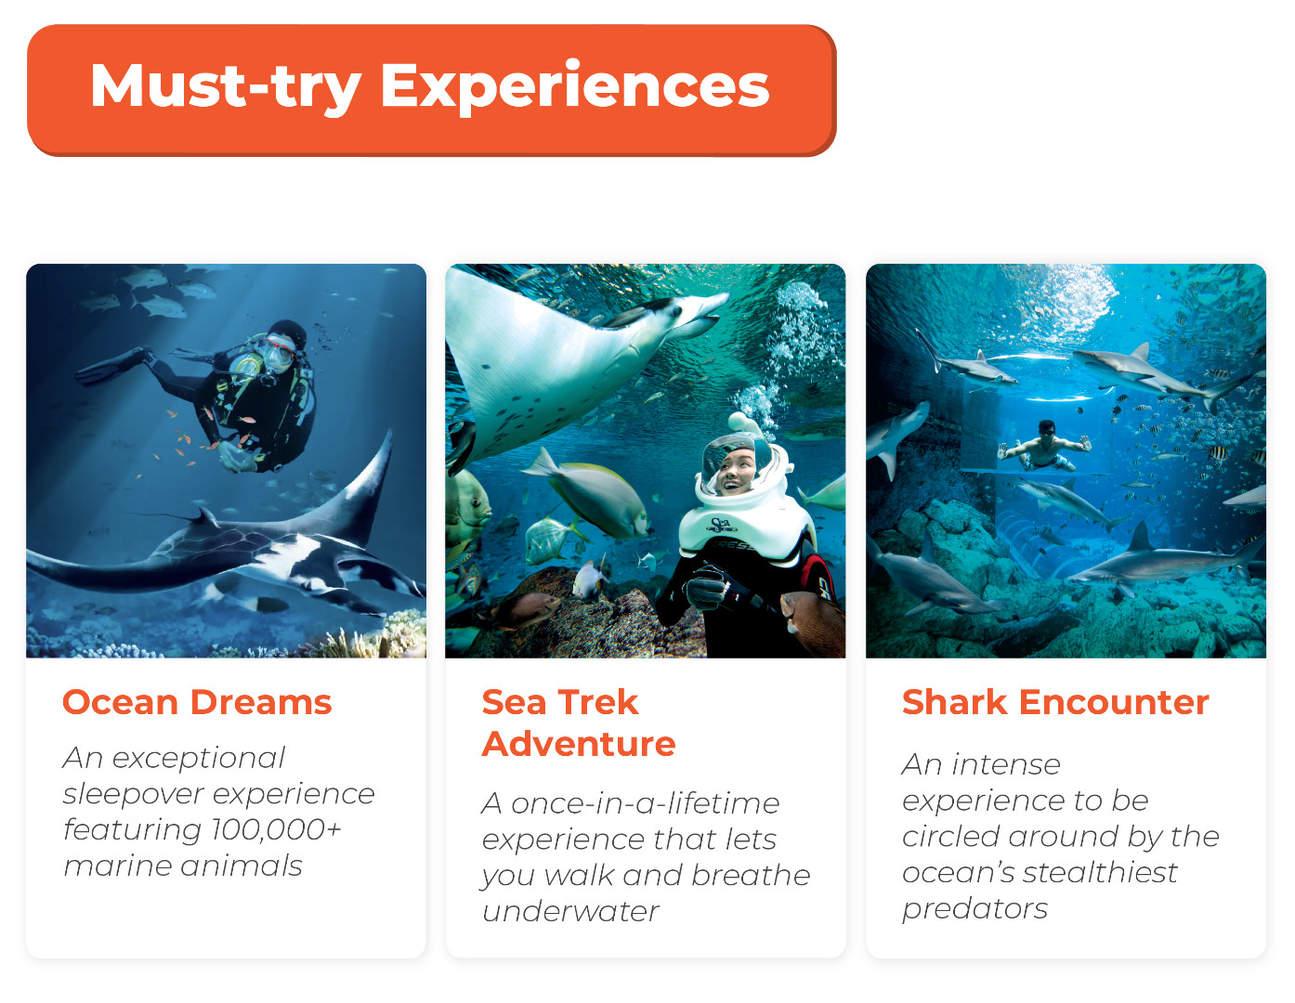 must-try experiences at sea aquarium sentosa